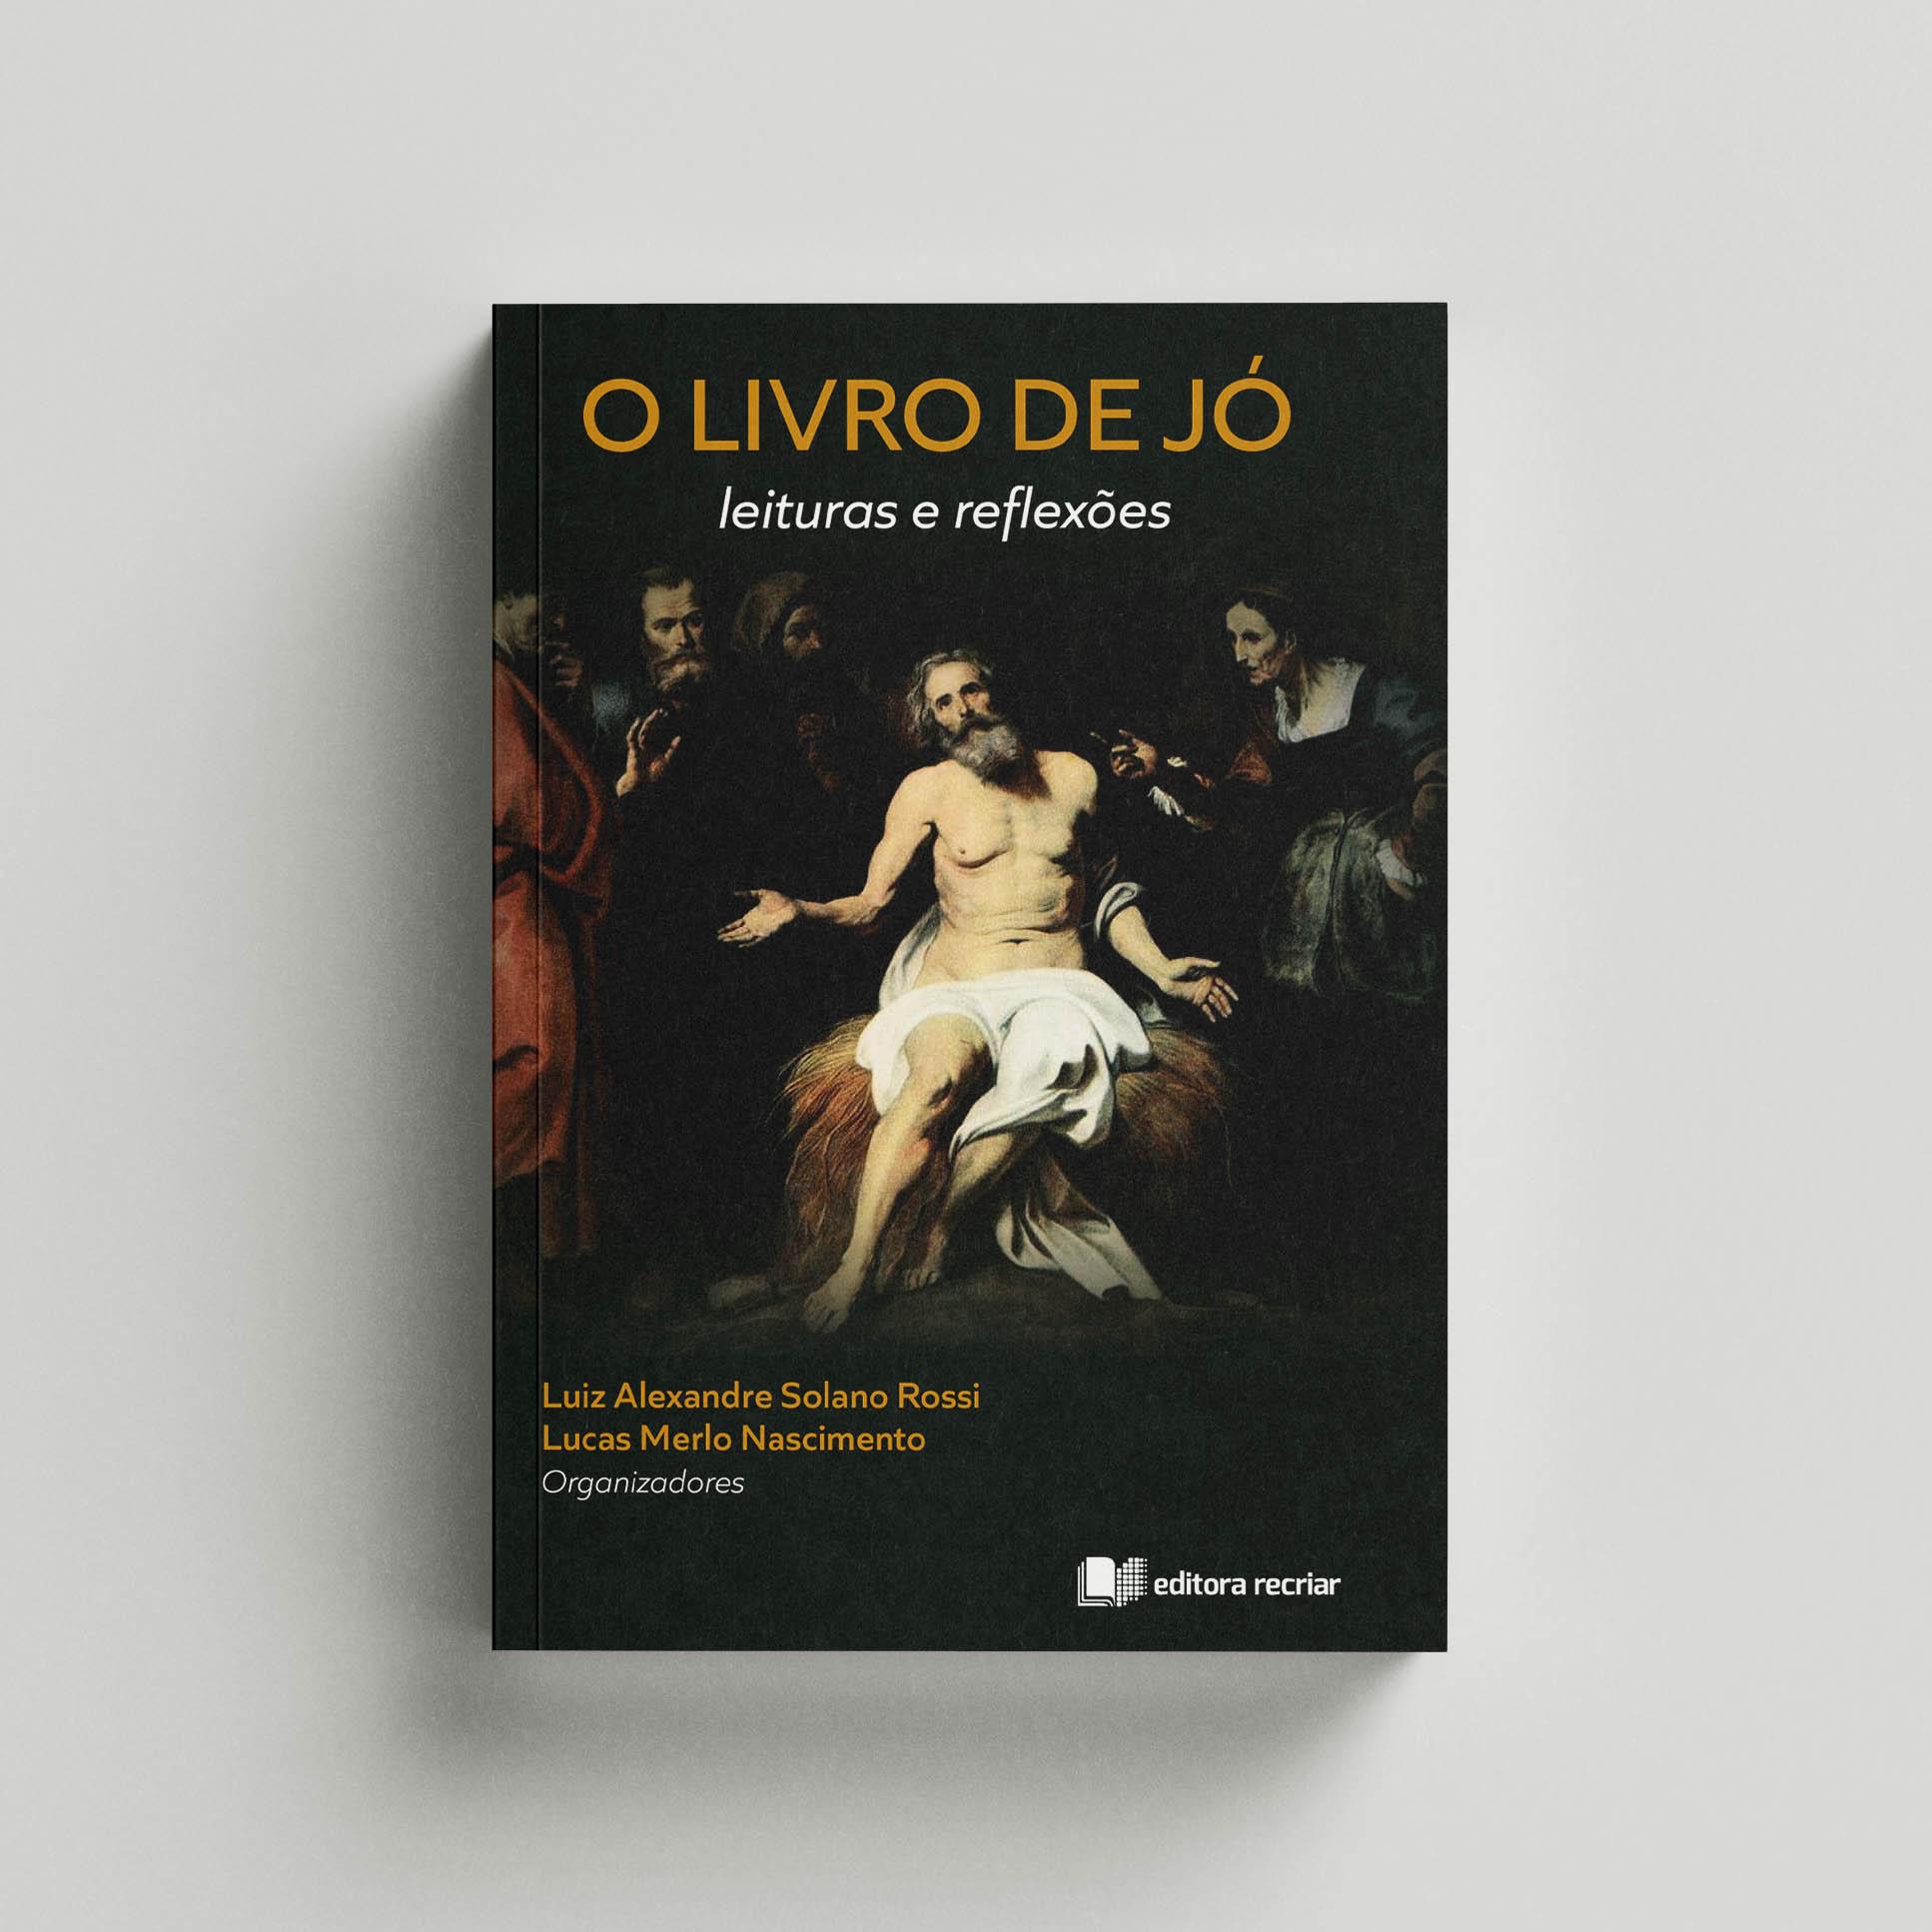 O livro de Jó: leituras e reflexões - Luiz Alexandre Solano Rossi; Lucas Merlo Nascimento